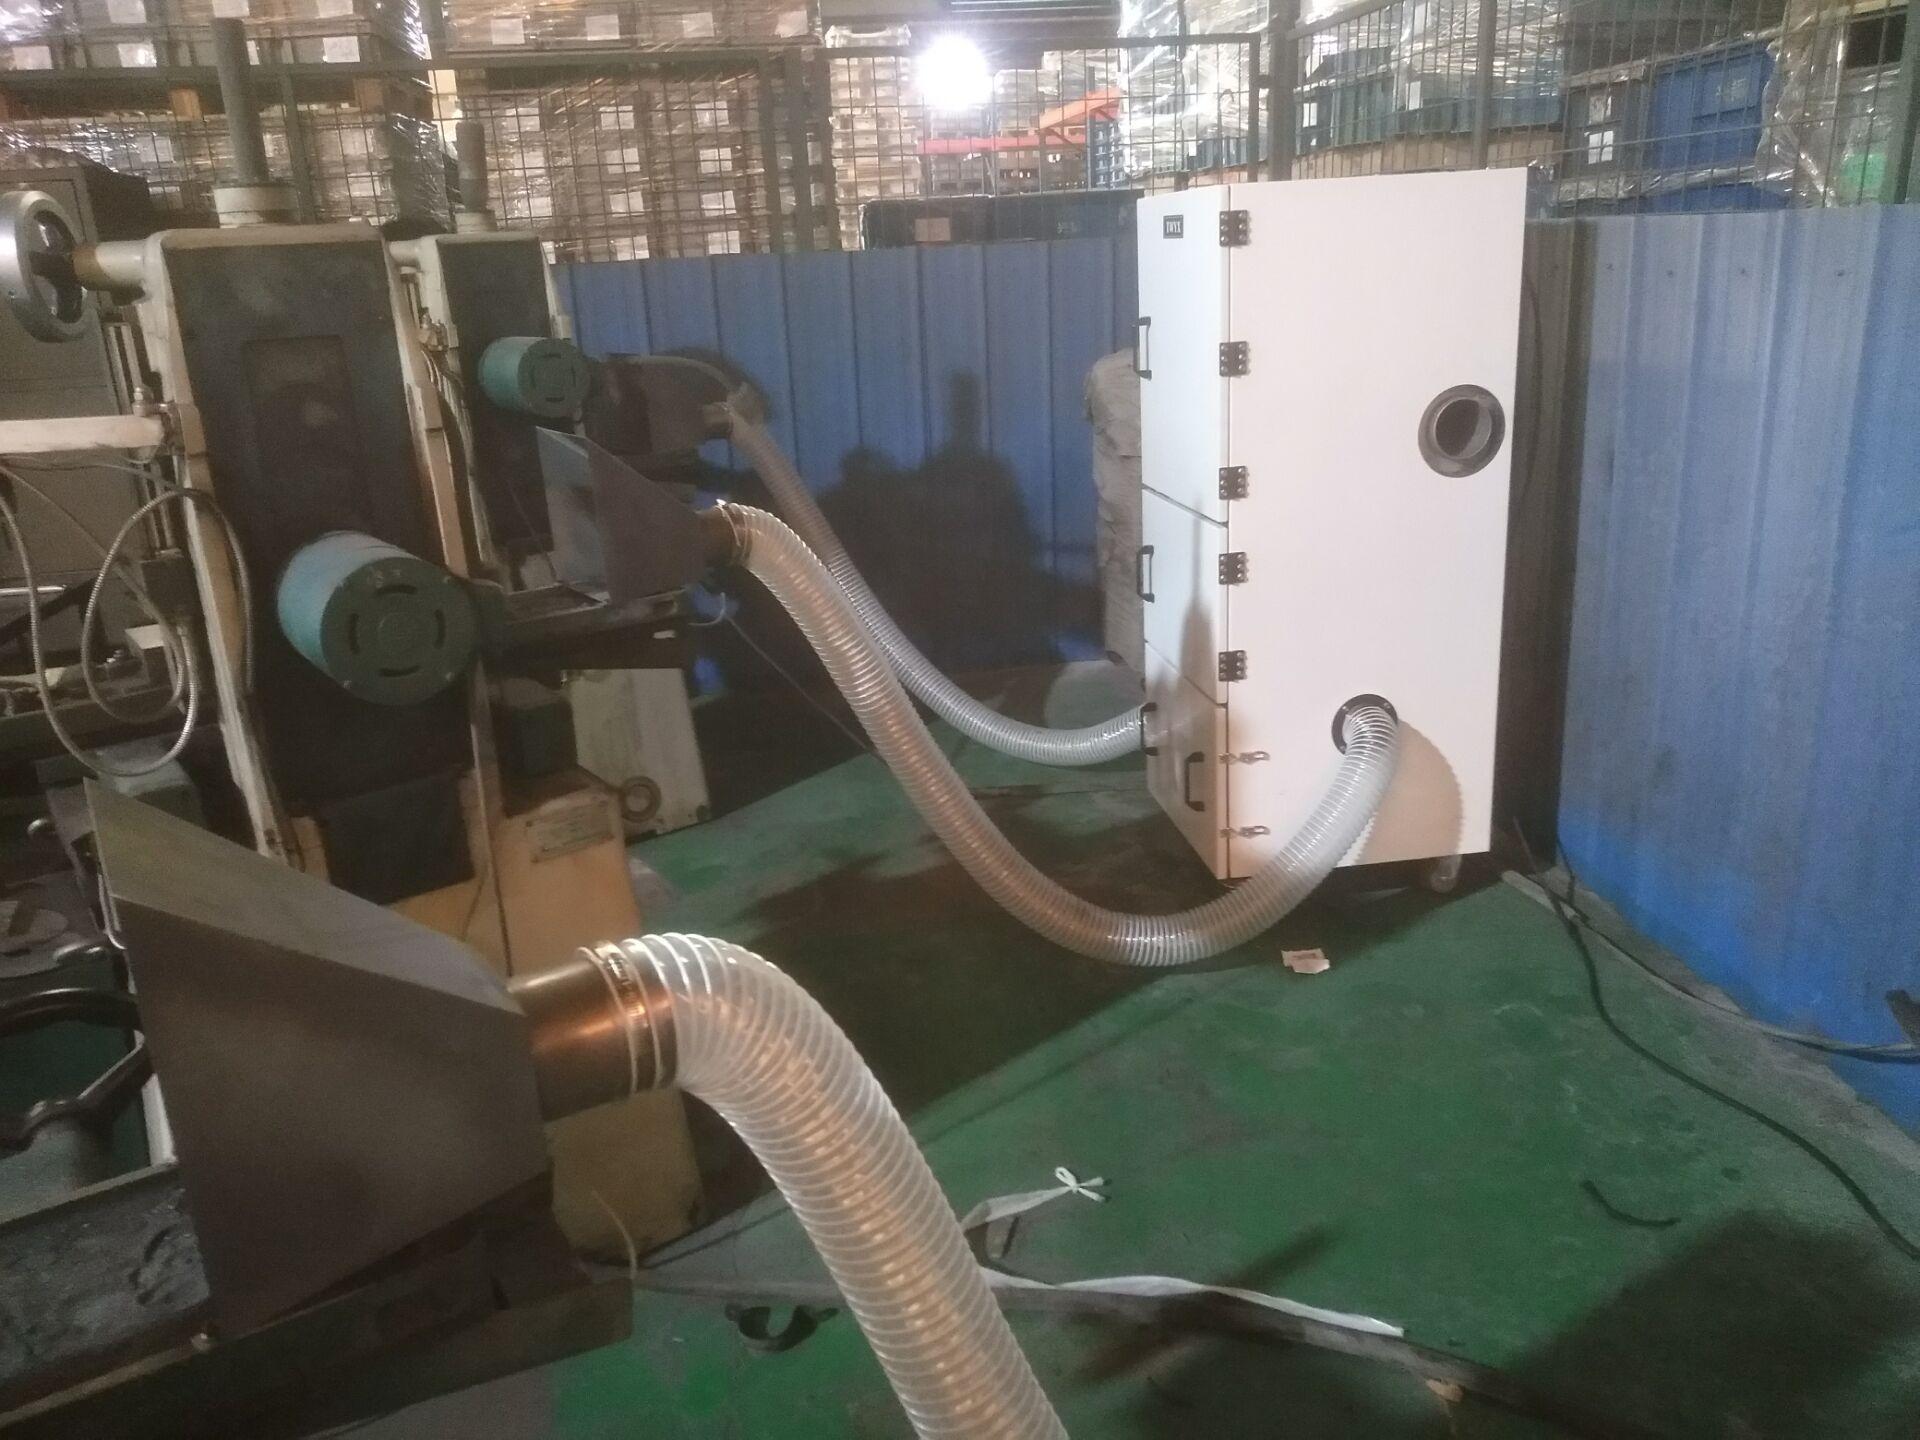 磨床吸尘器 平面工具磨床吸尘器 高压大吸力磨床吸尘器包邮示例图26